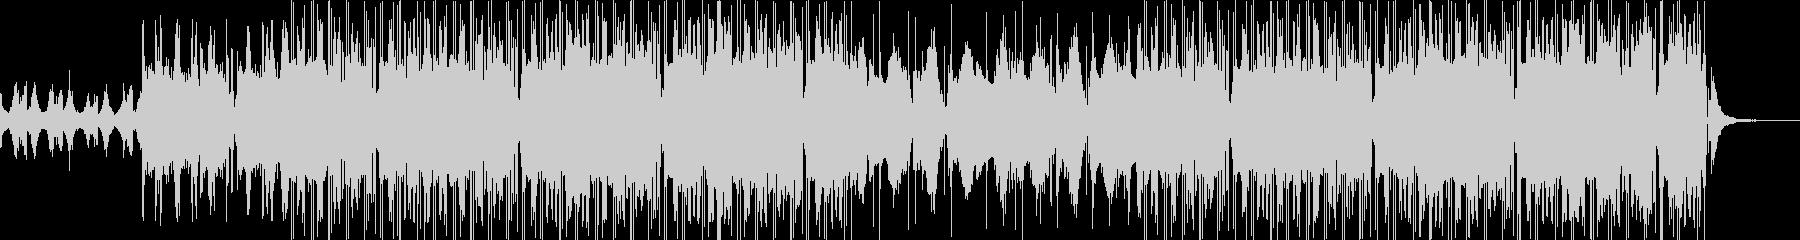 bpm108- 優しく穏やかなチルアウトの未再生の波形